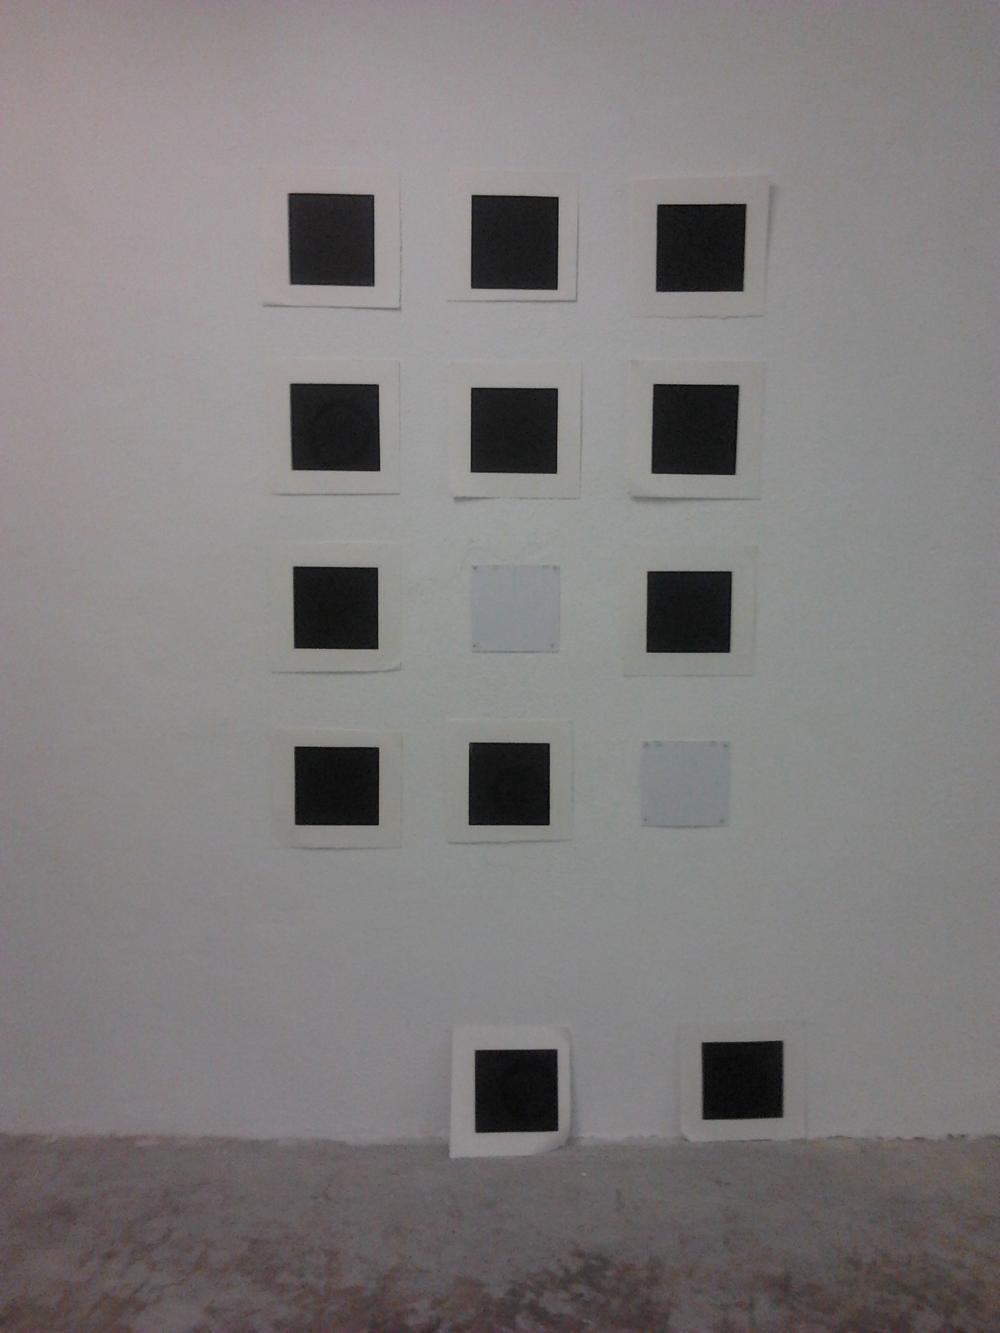 2012-12-03 13.54.18 (1).jpg